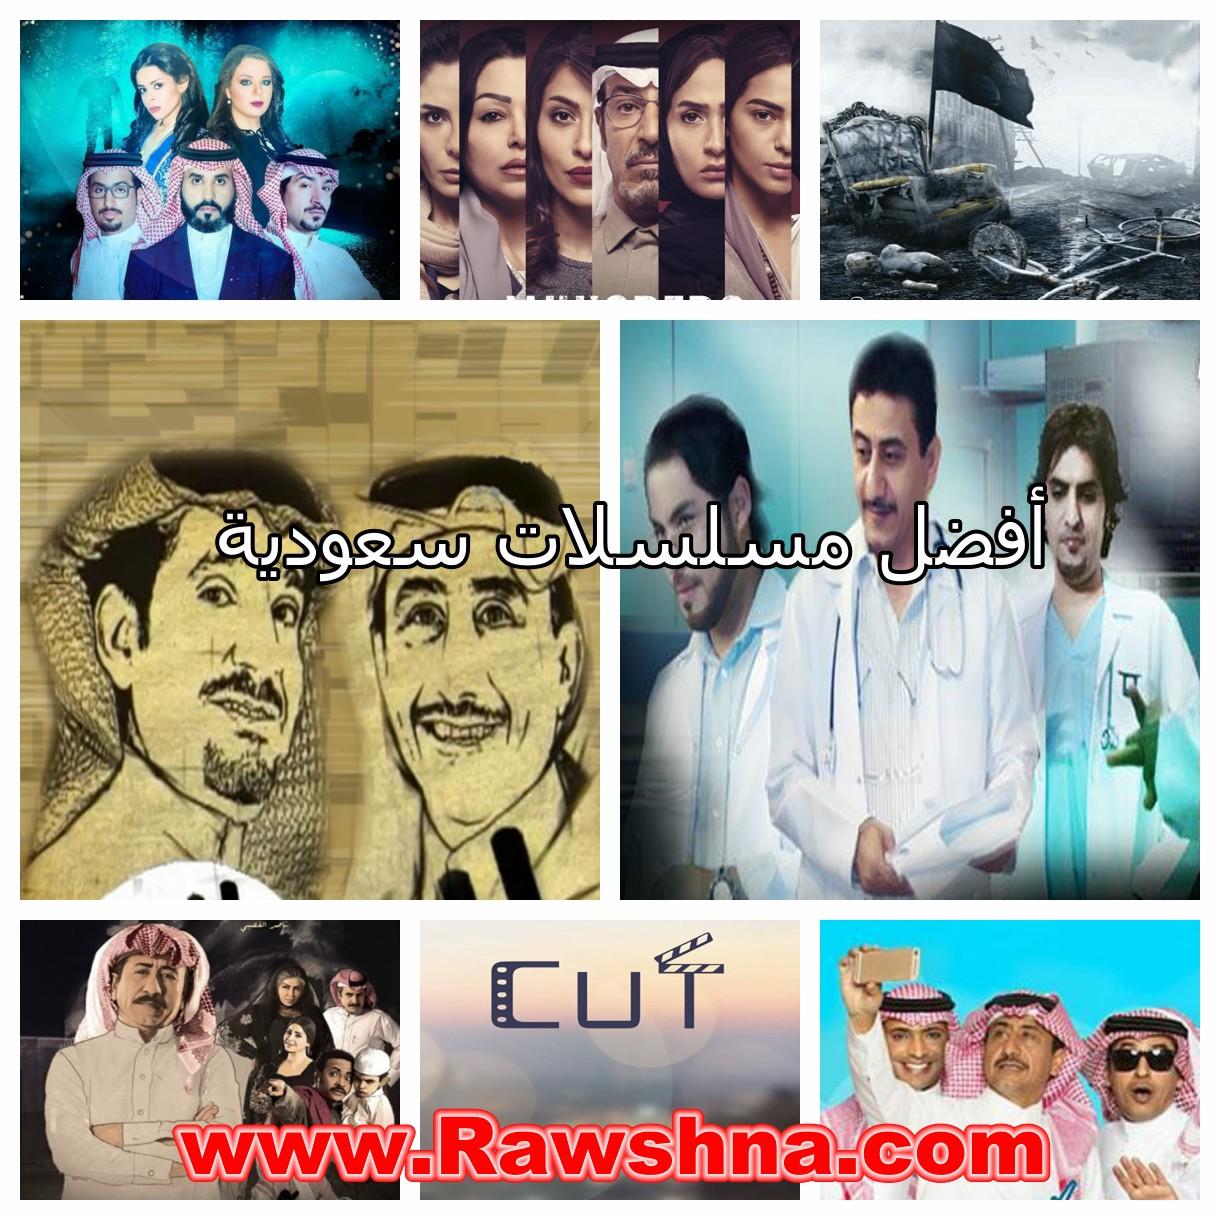 أفضل مسلسلات سعودية على الاطلاق